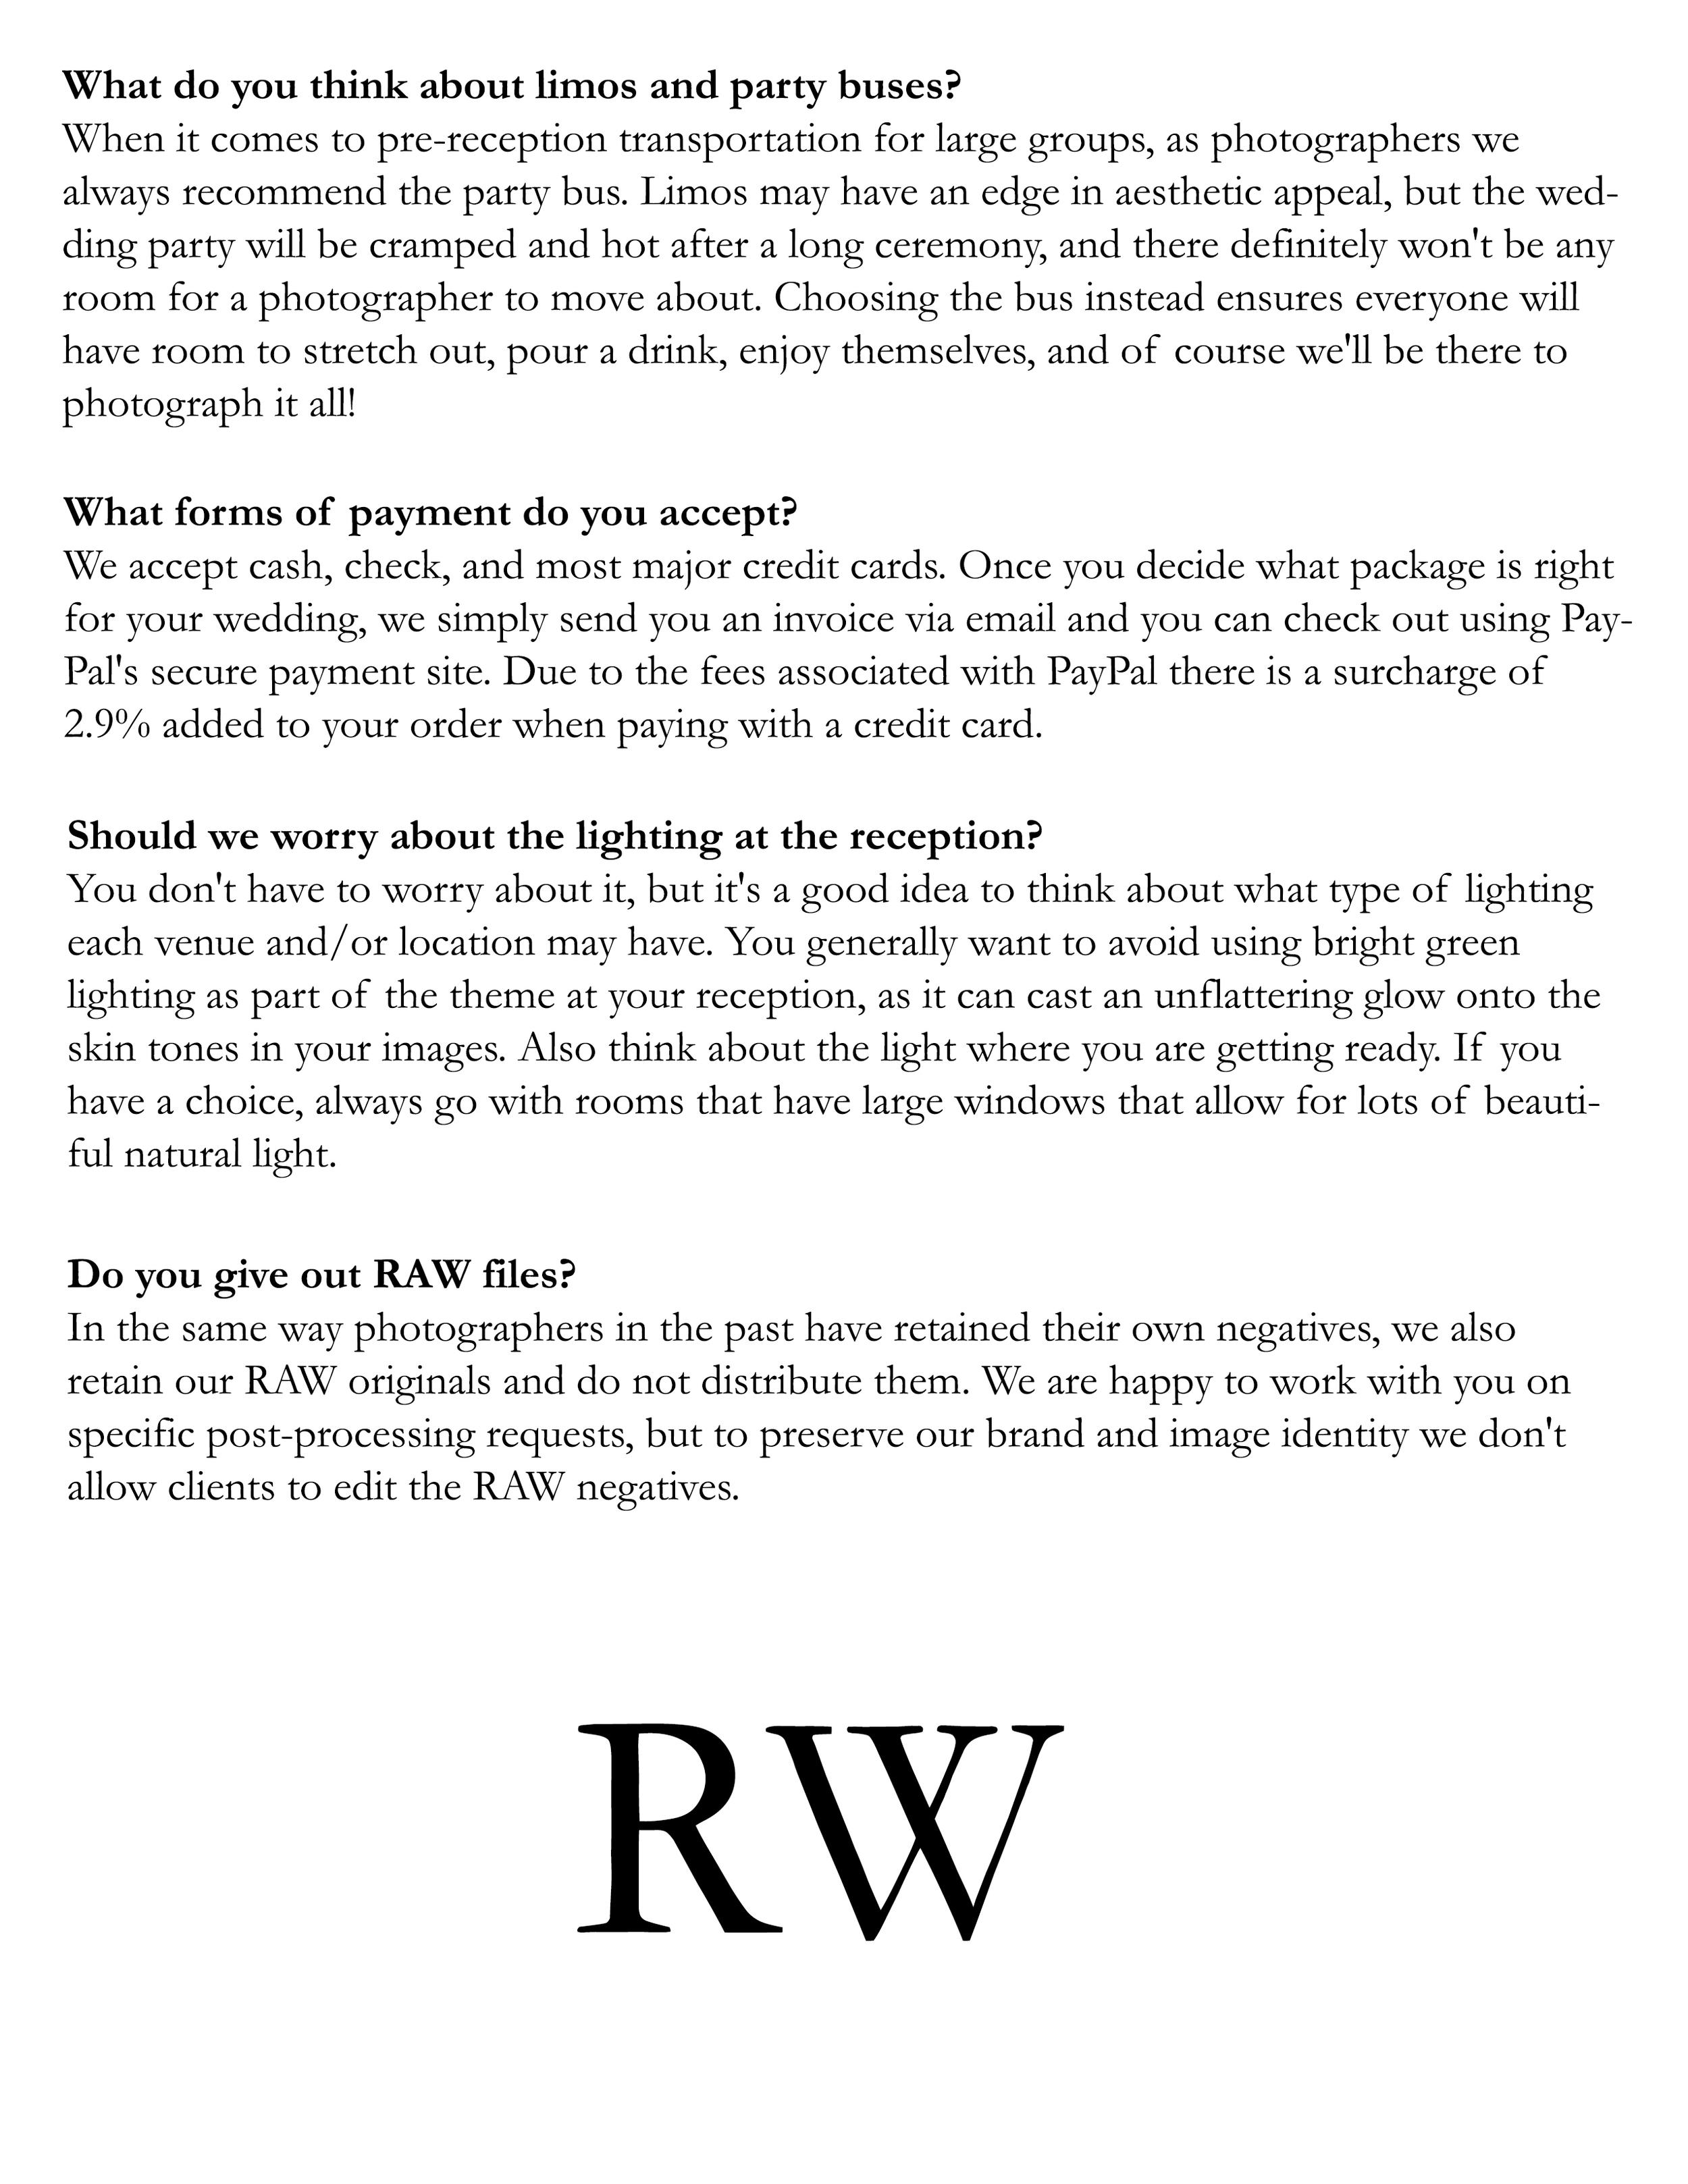 RWWC 6.jpg